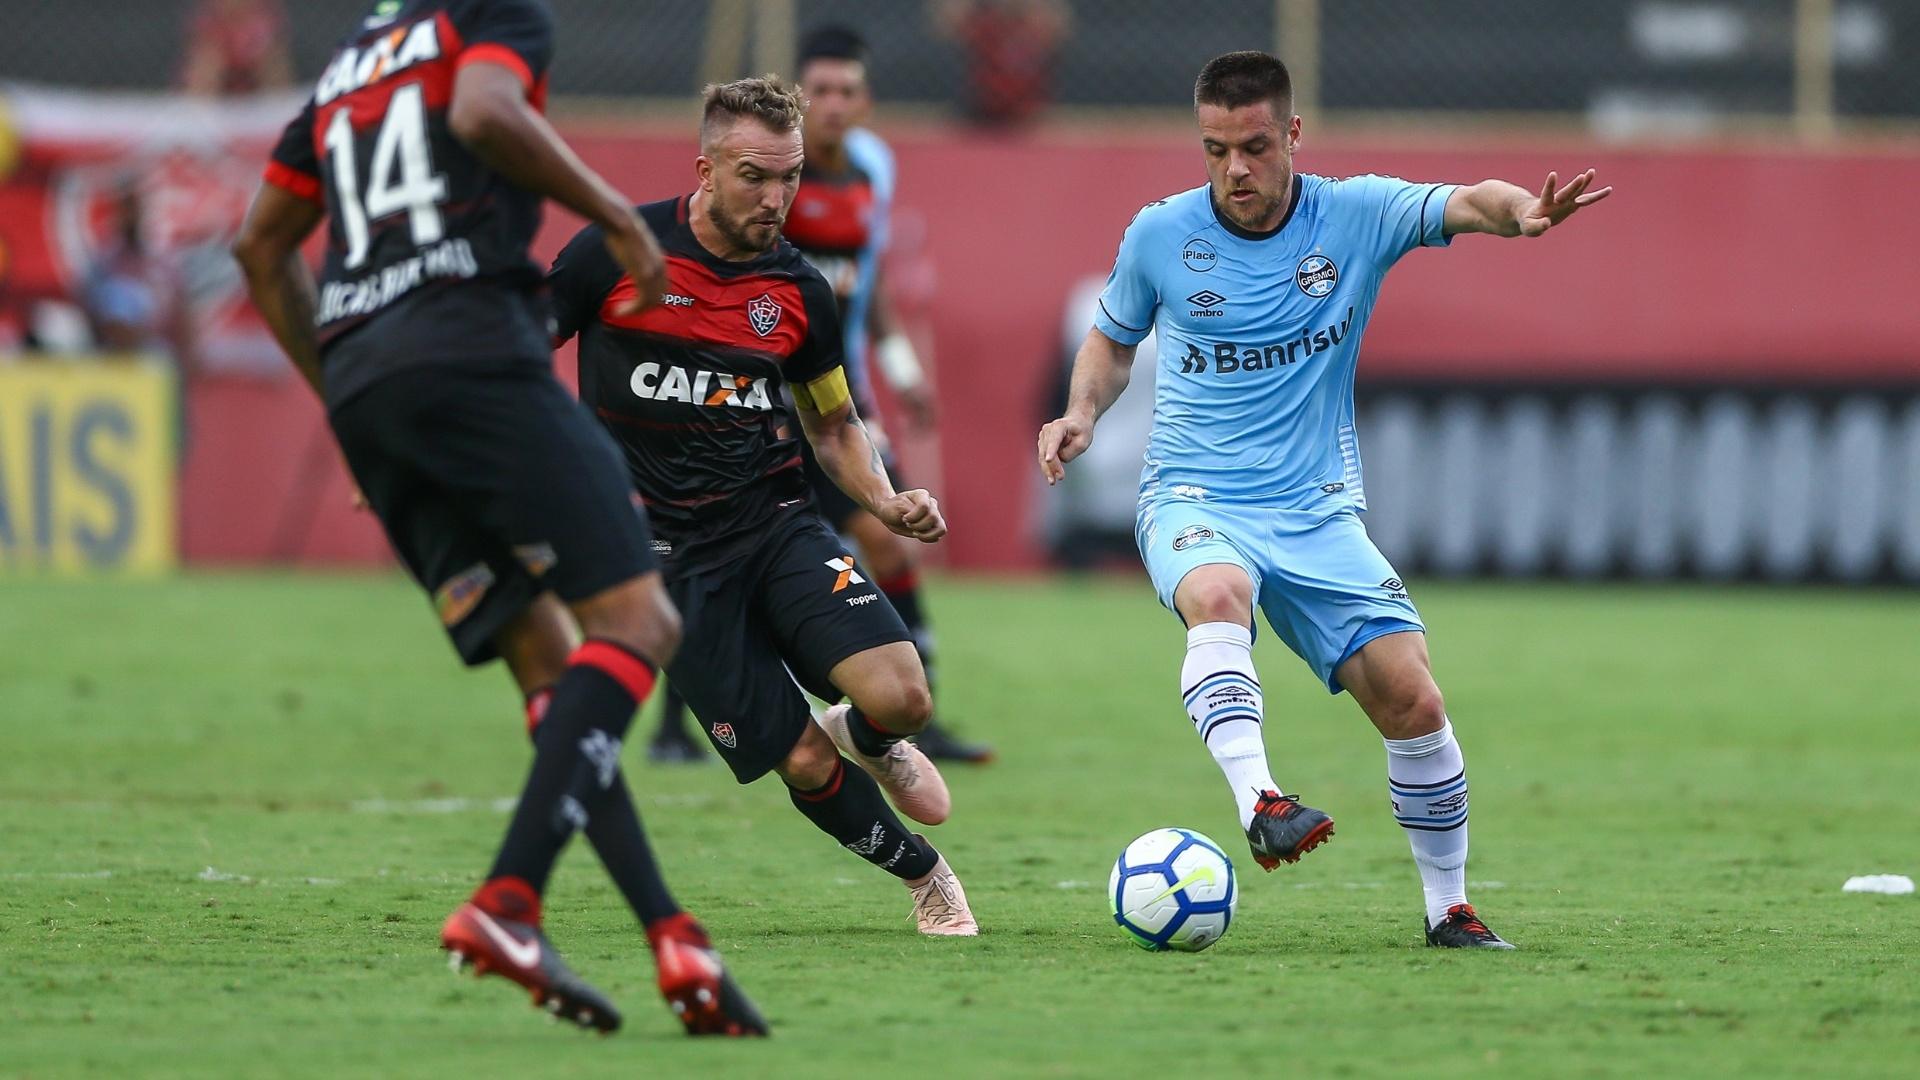 Ramiro, meio-campista do Grêmio, tenta se livrar da marcação do time do Vitória